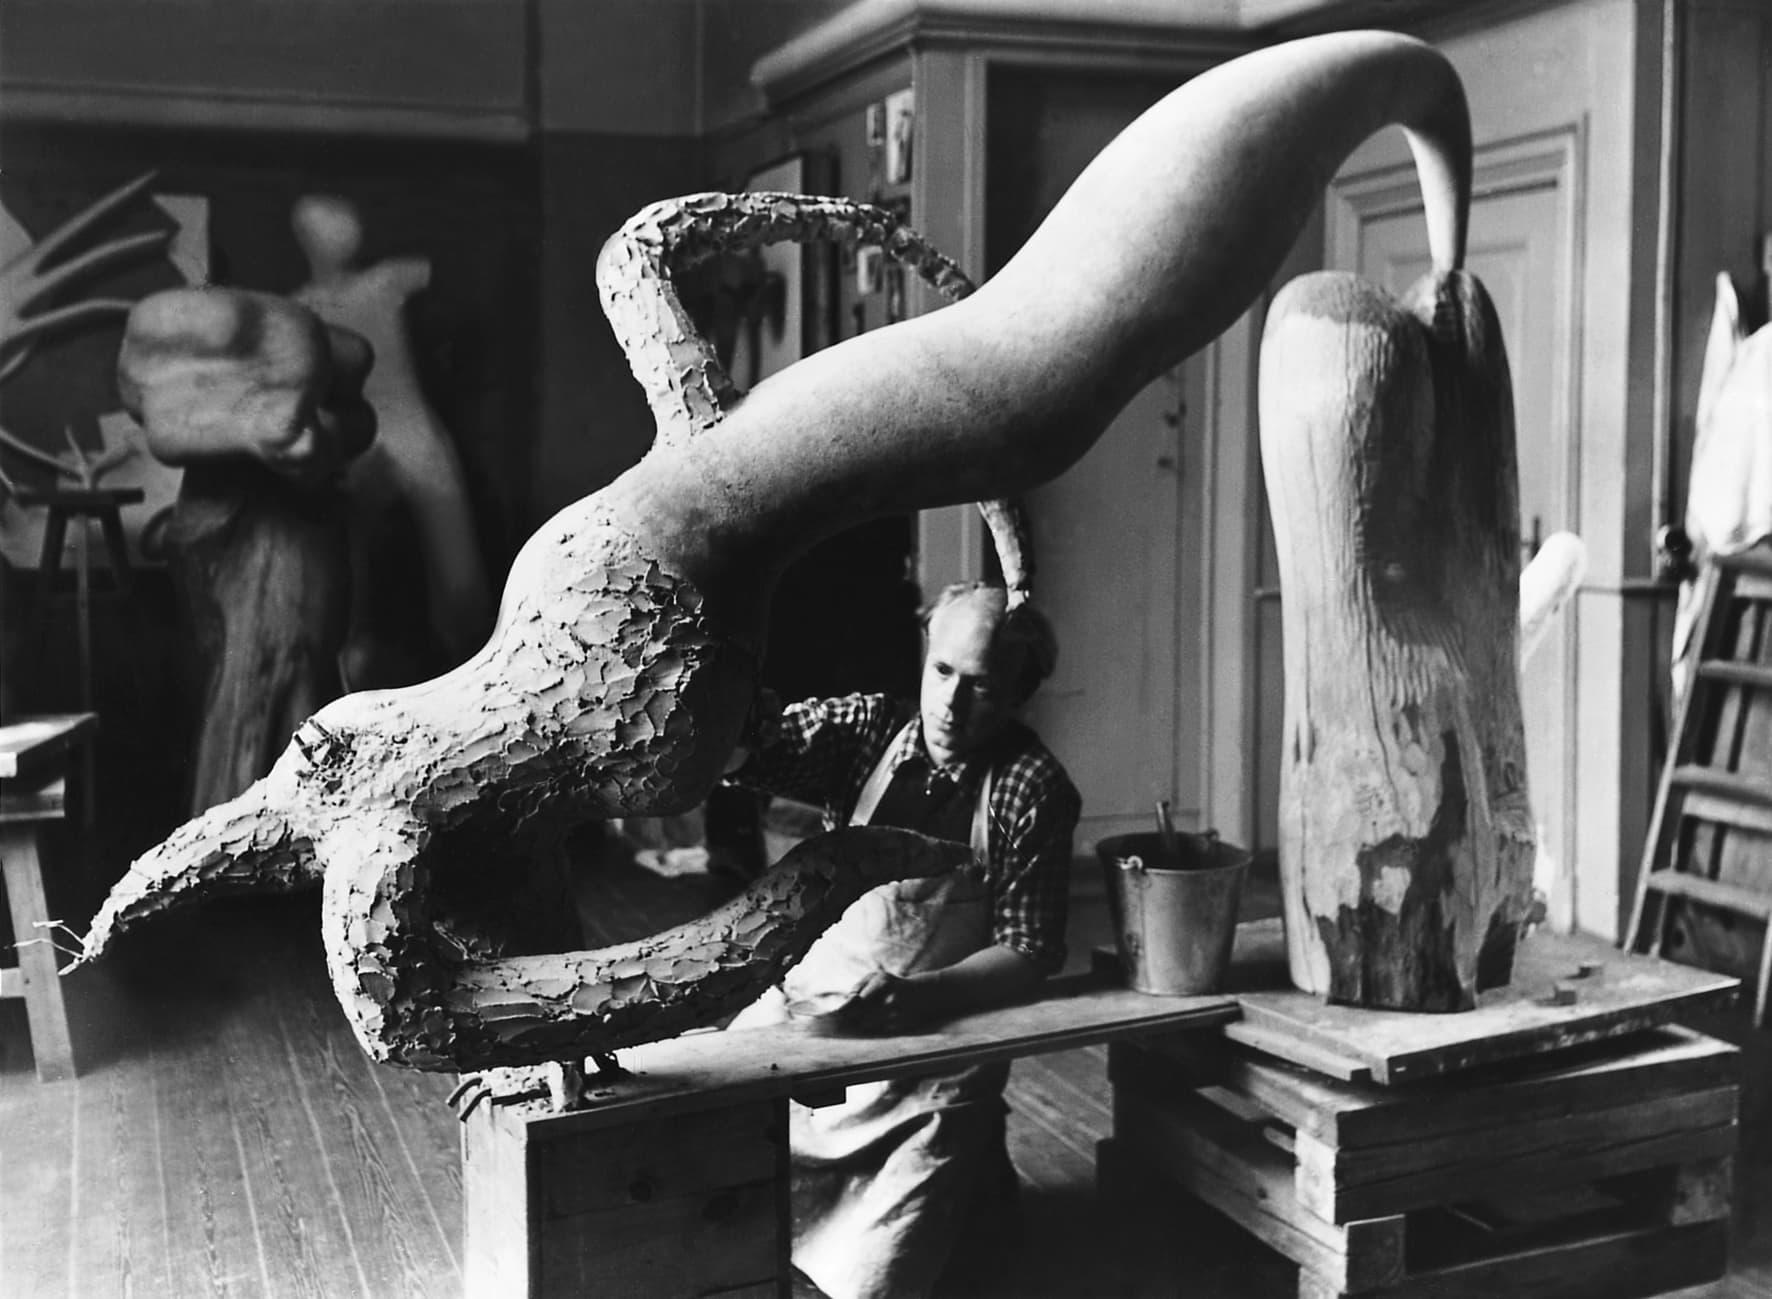 Omvisning i udstillingen Sigurjón Ólafsson – Mangfoldige former